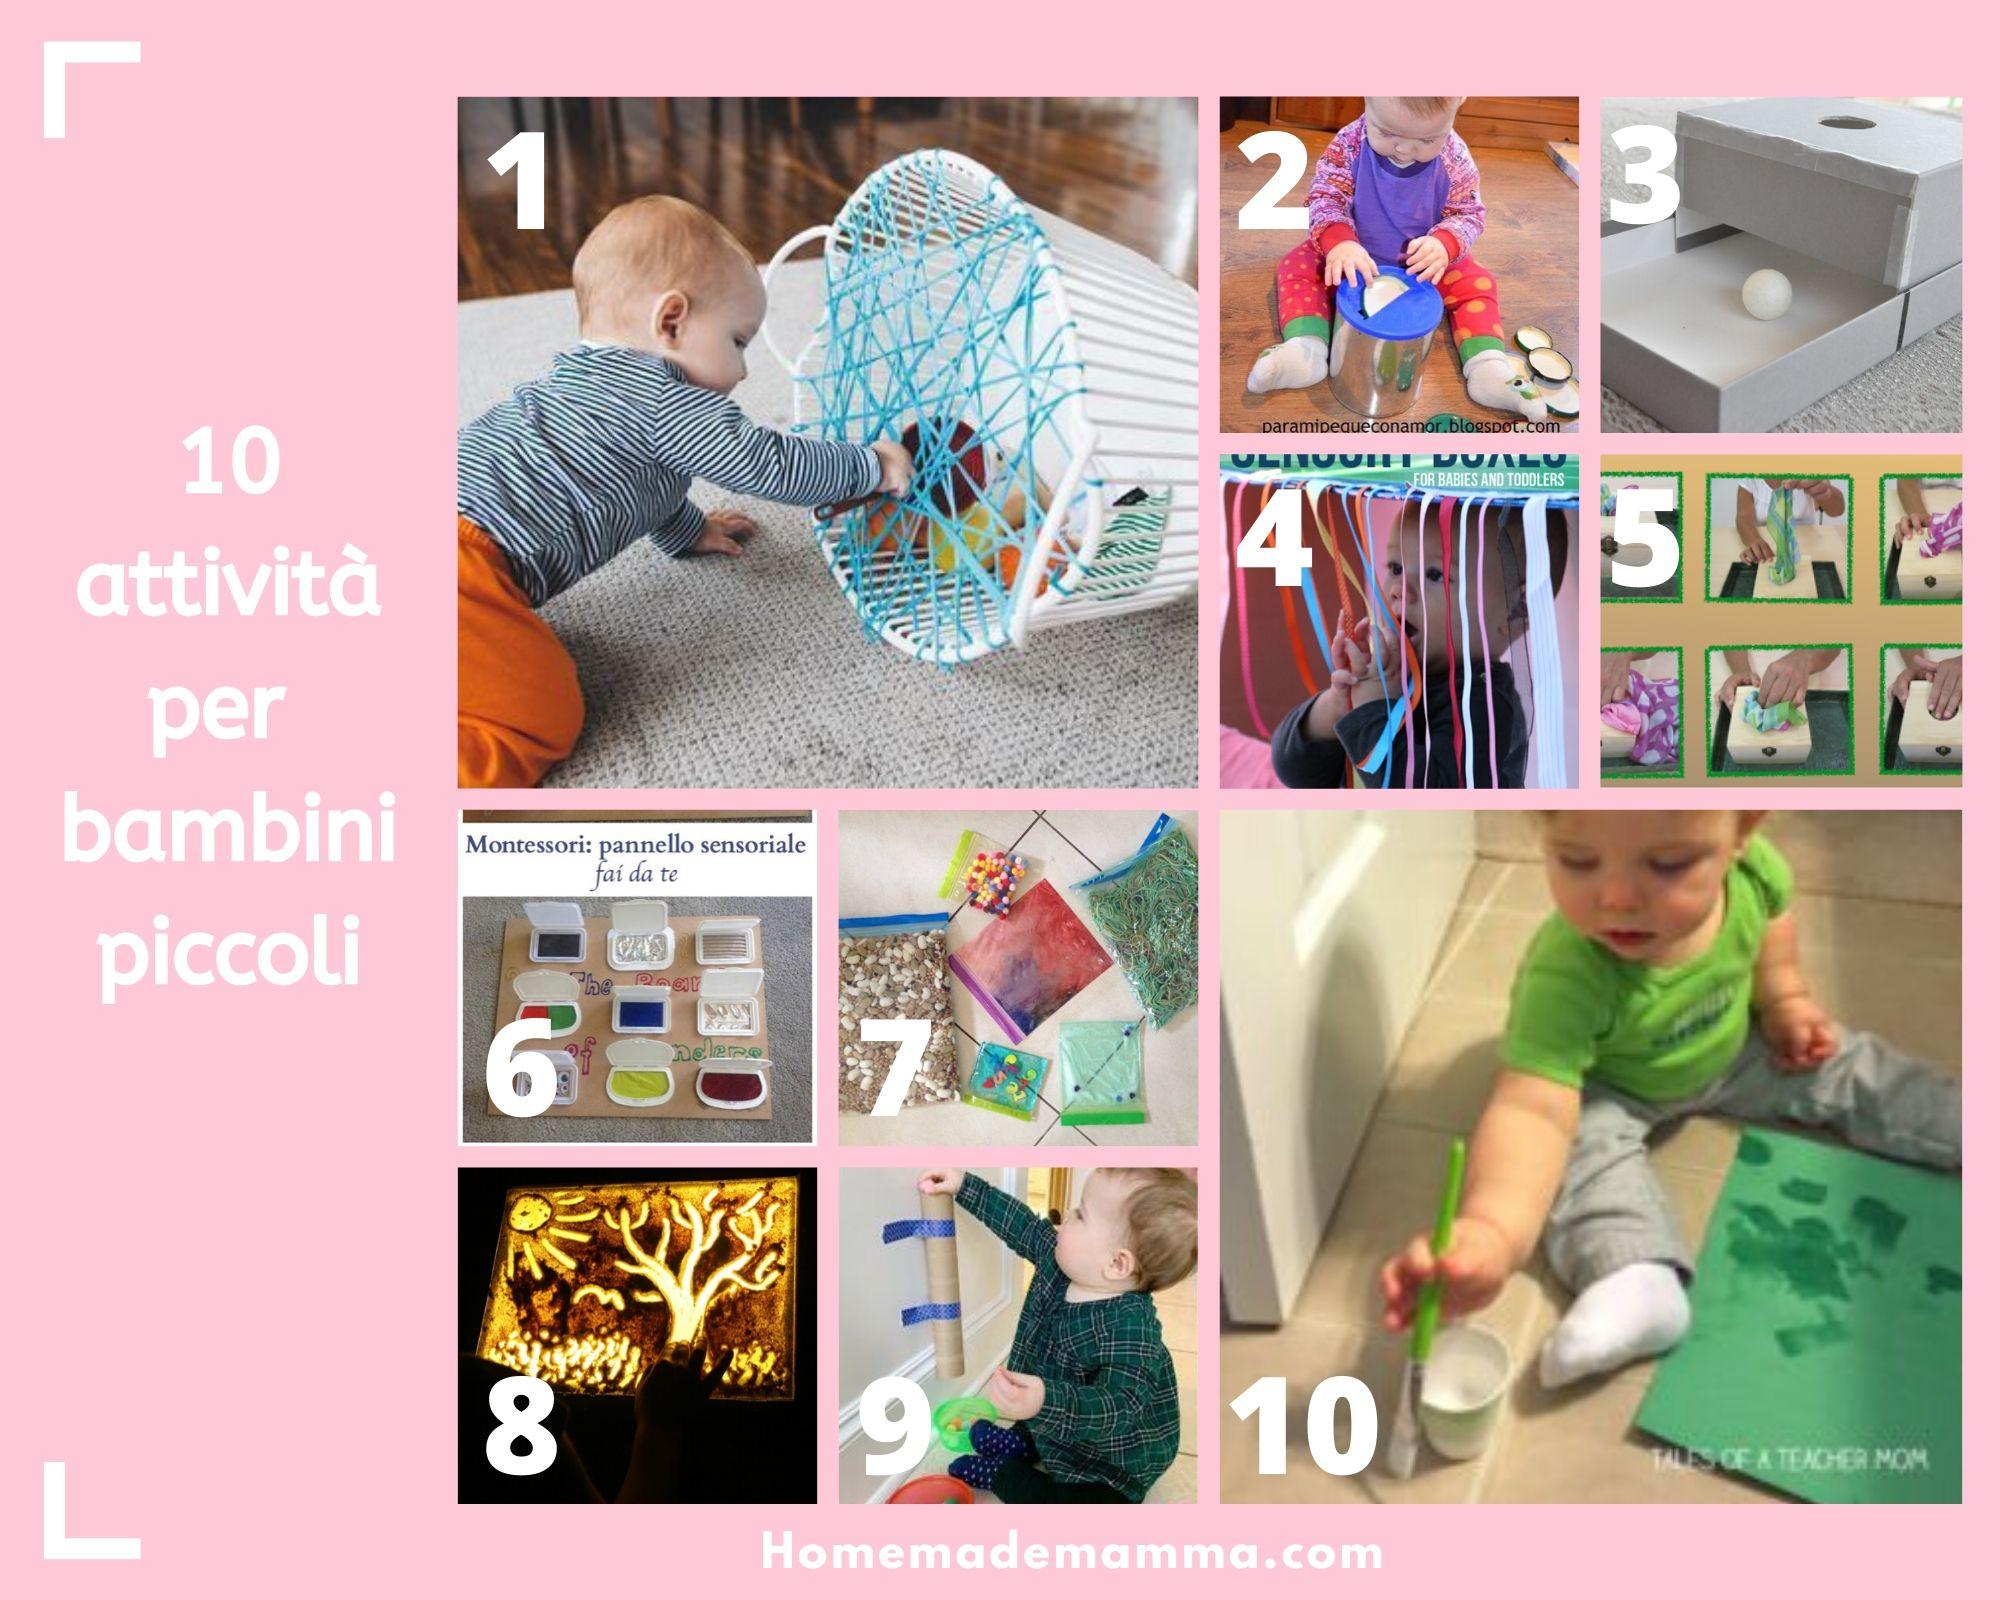 attivita on line per bambini piccoli miglior sito di investimento btc